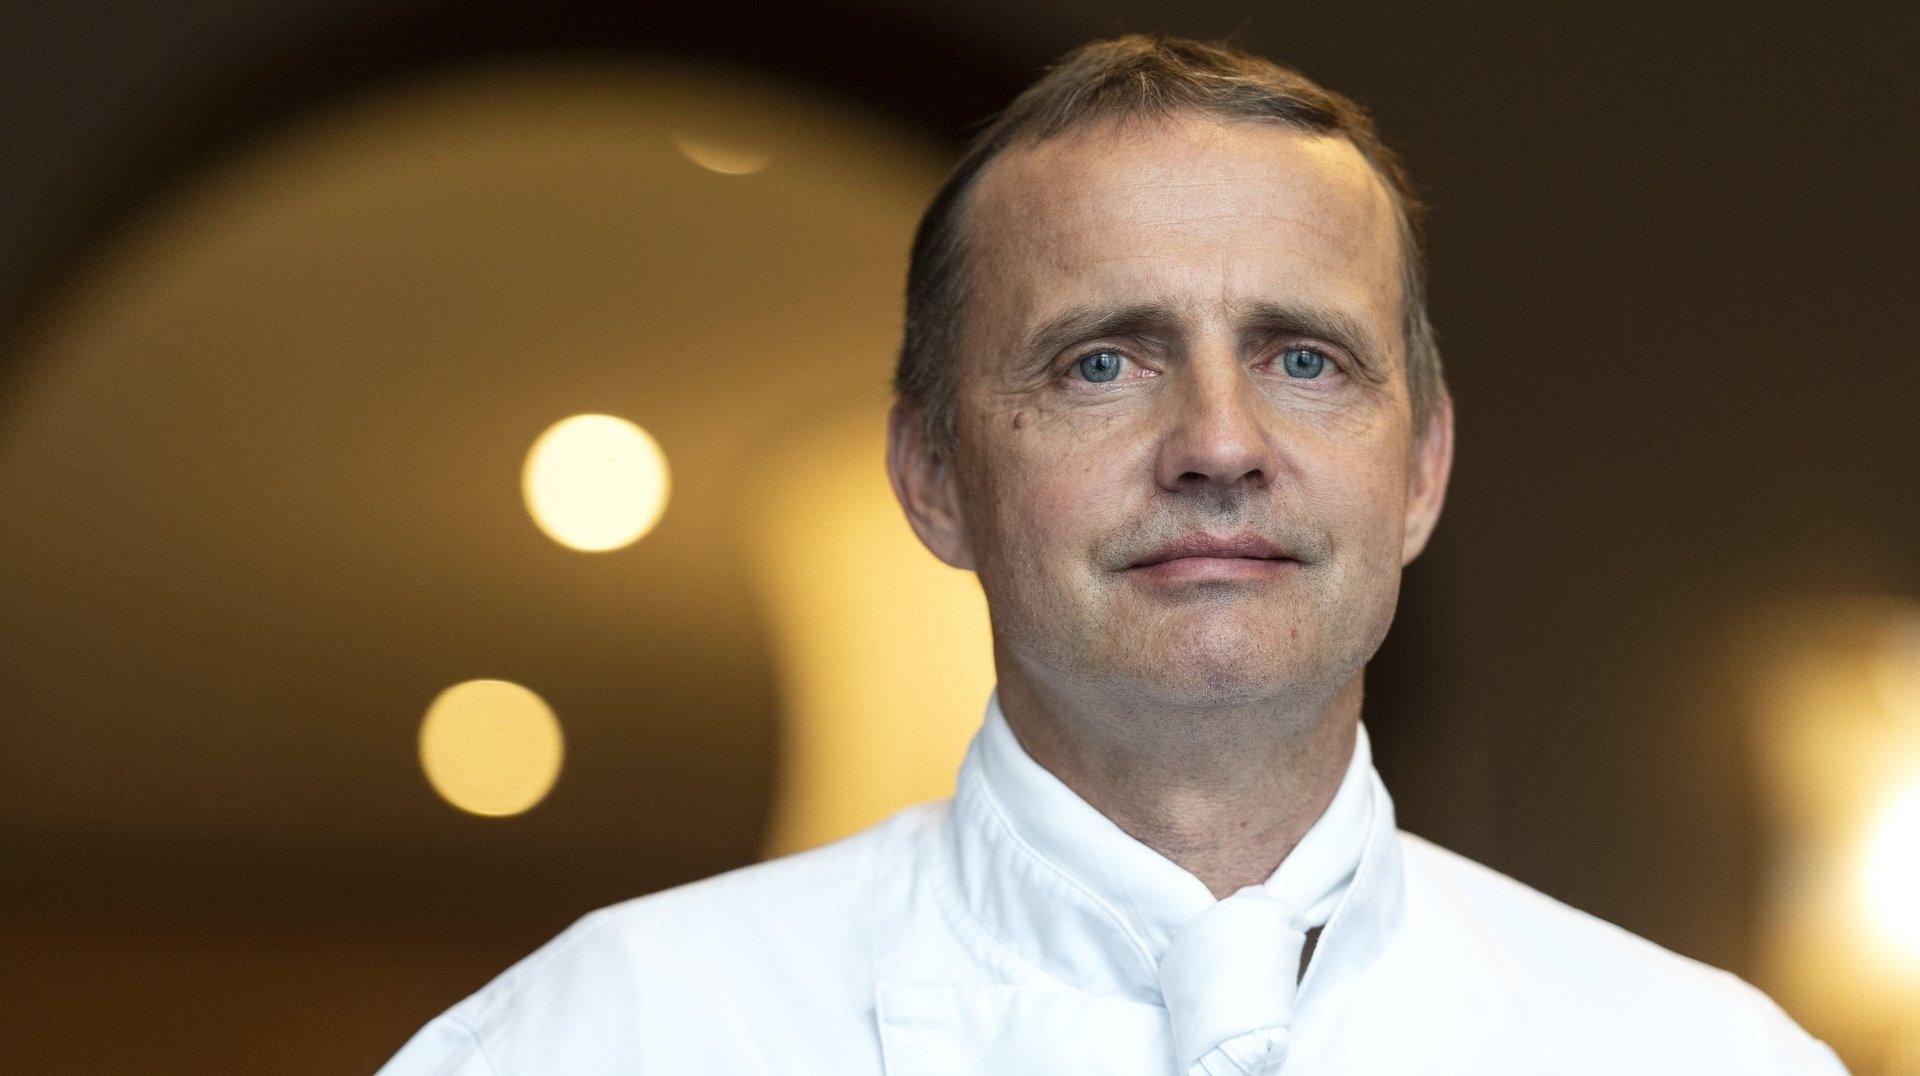 Didier de Courten met ses connaissances au service des remontées mécaniques de Grimentz-Zinal